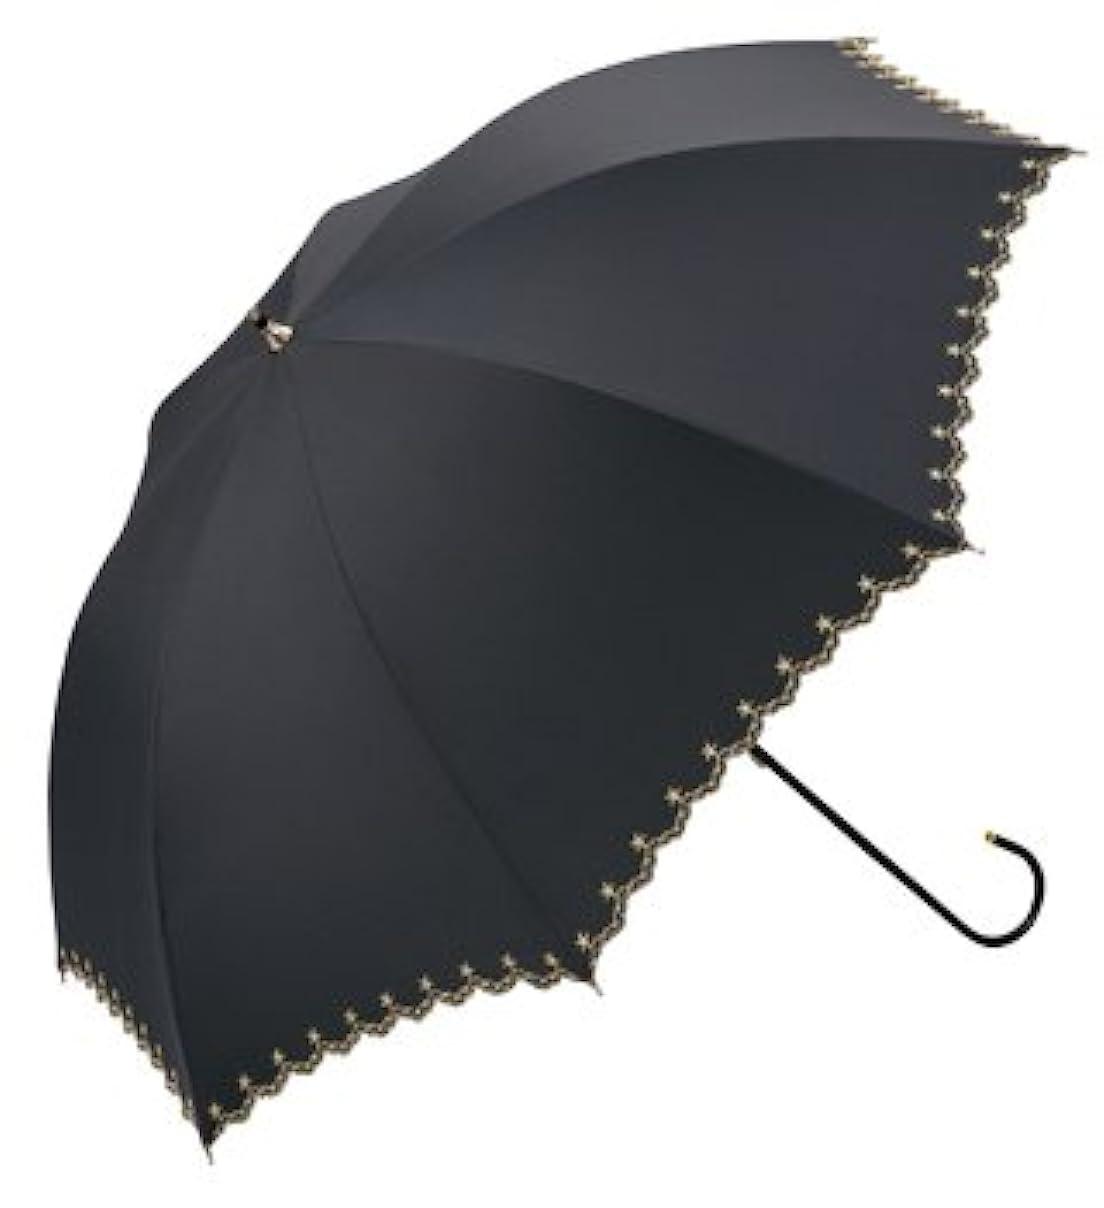 服を片付けるオリエント自発w.p.c晴雨兼用長日傘★遮光星柄スカラップ (ブラック)